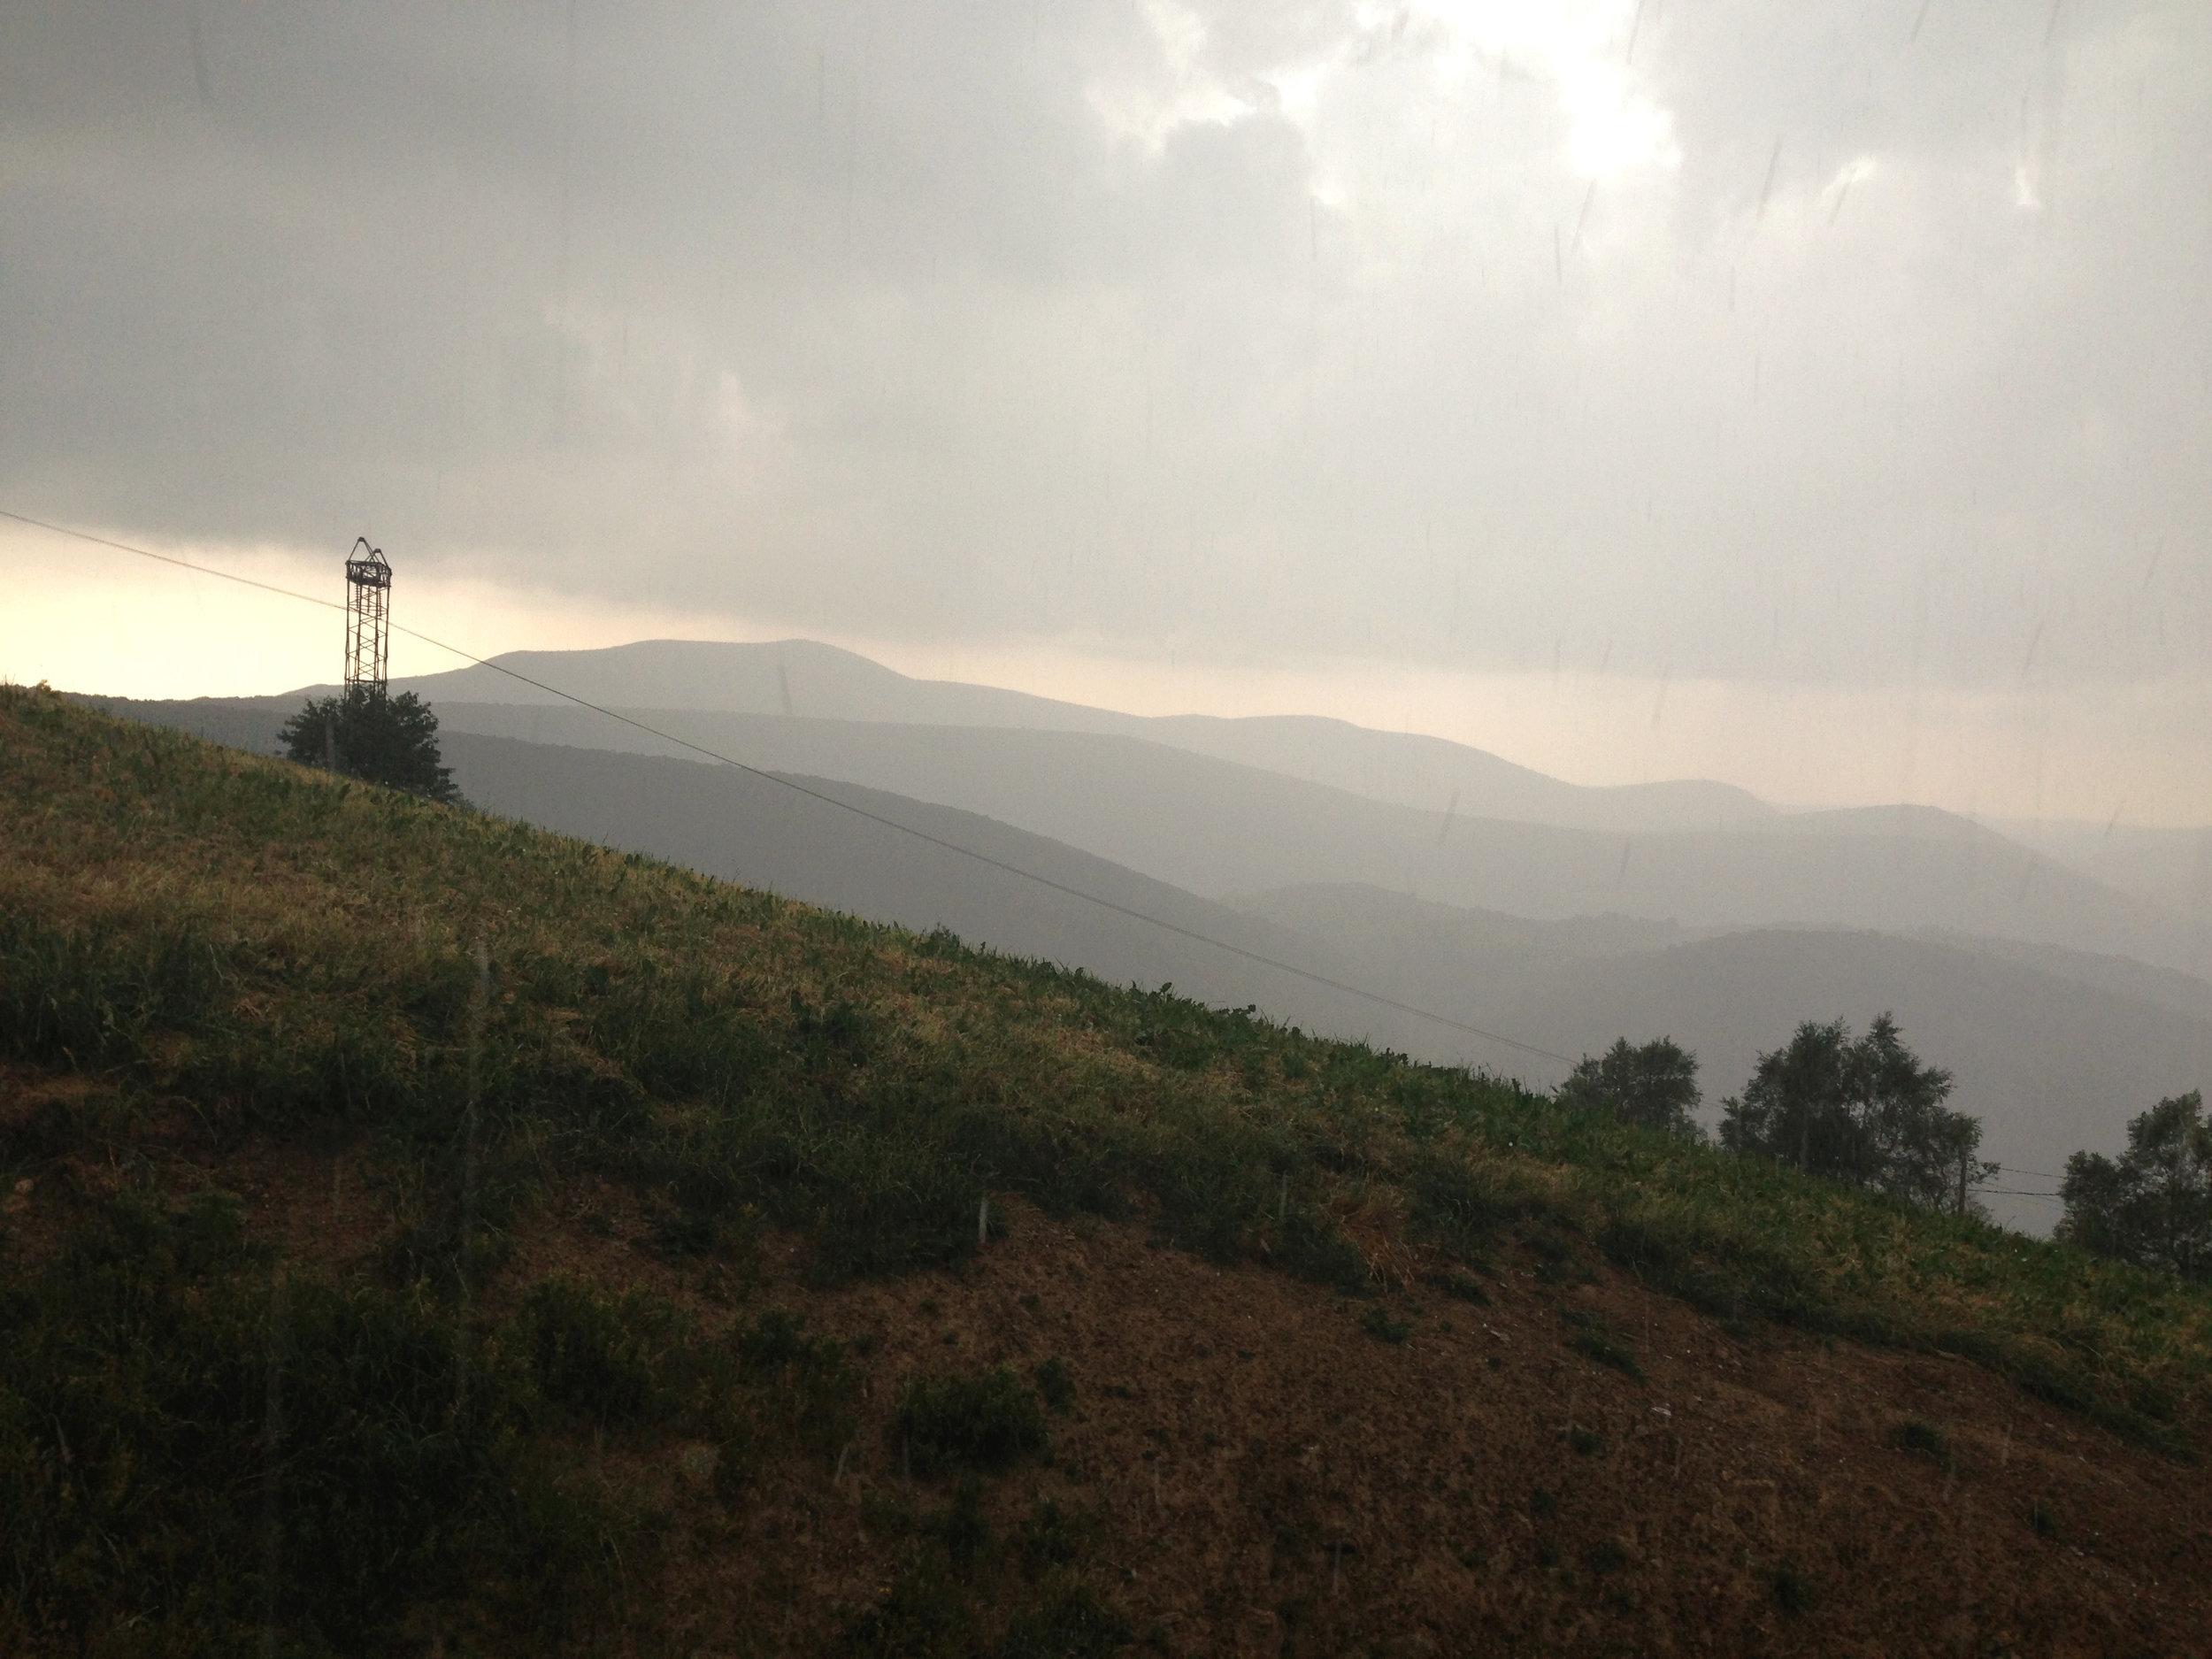 0713-Day-28-Lindsay-Landscape.jpg